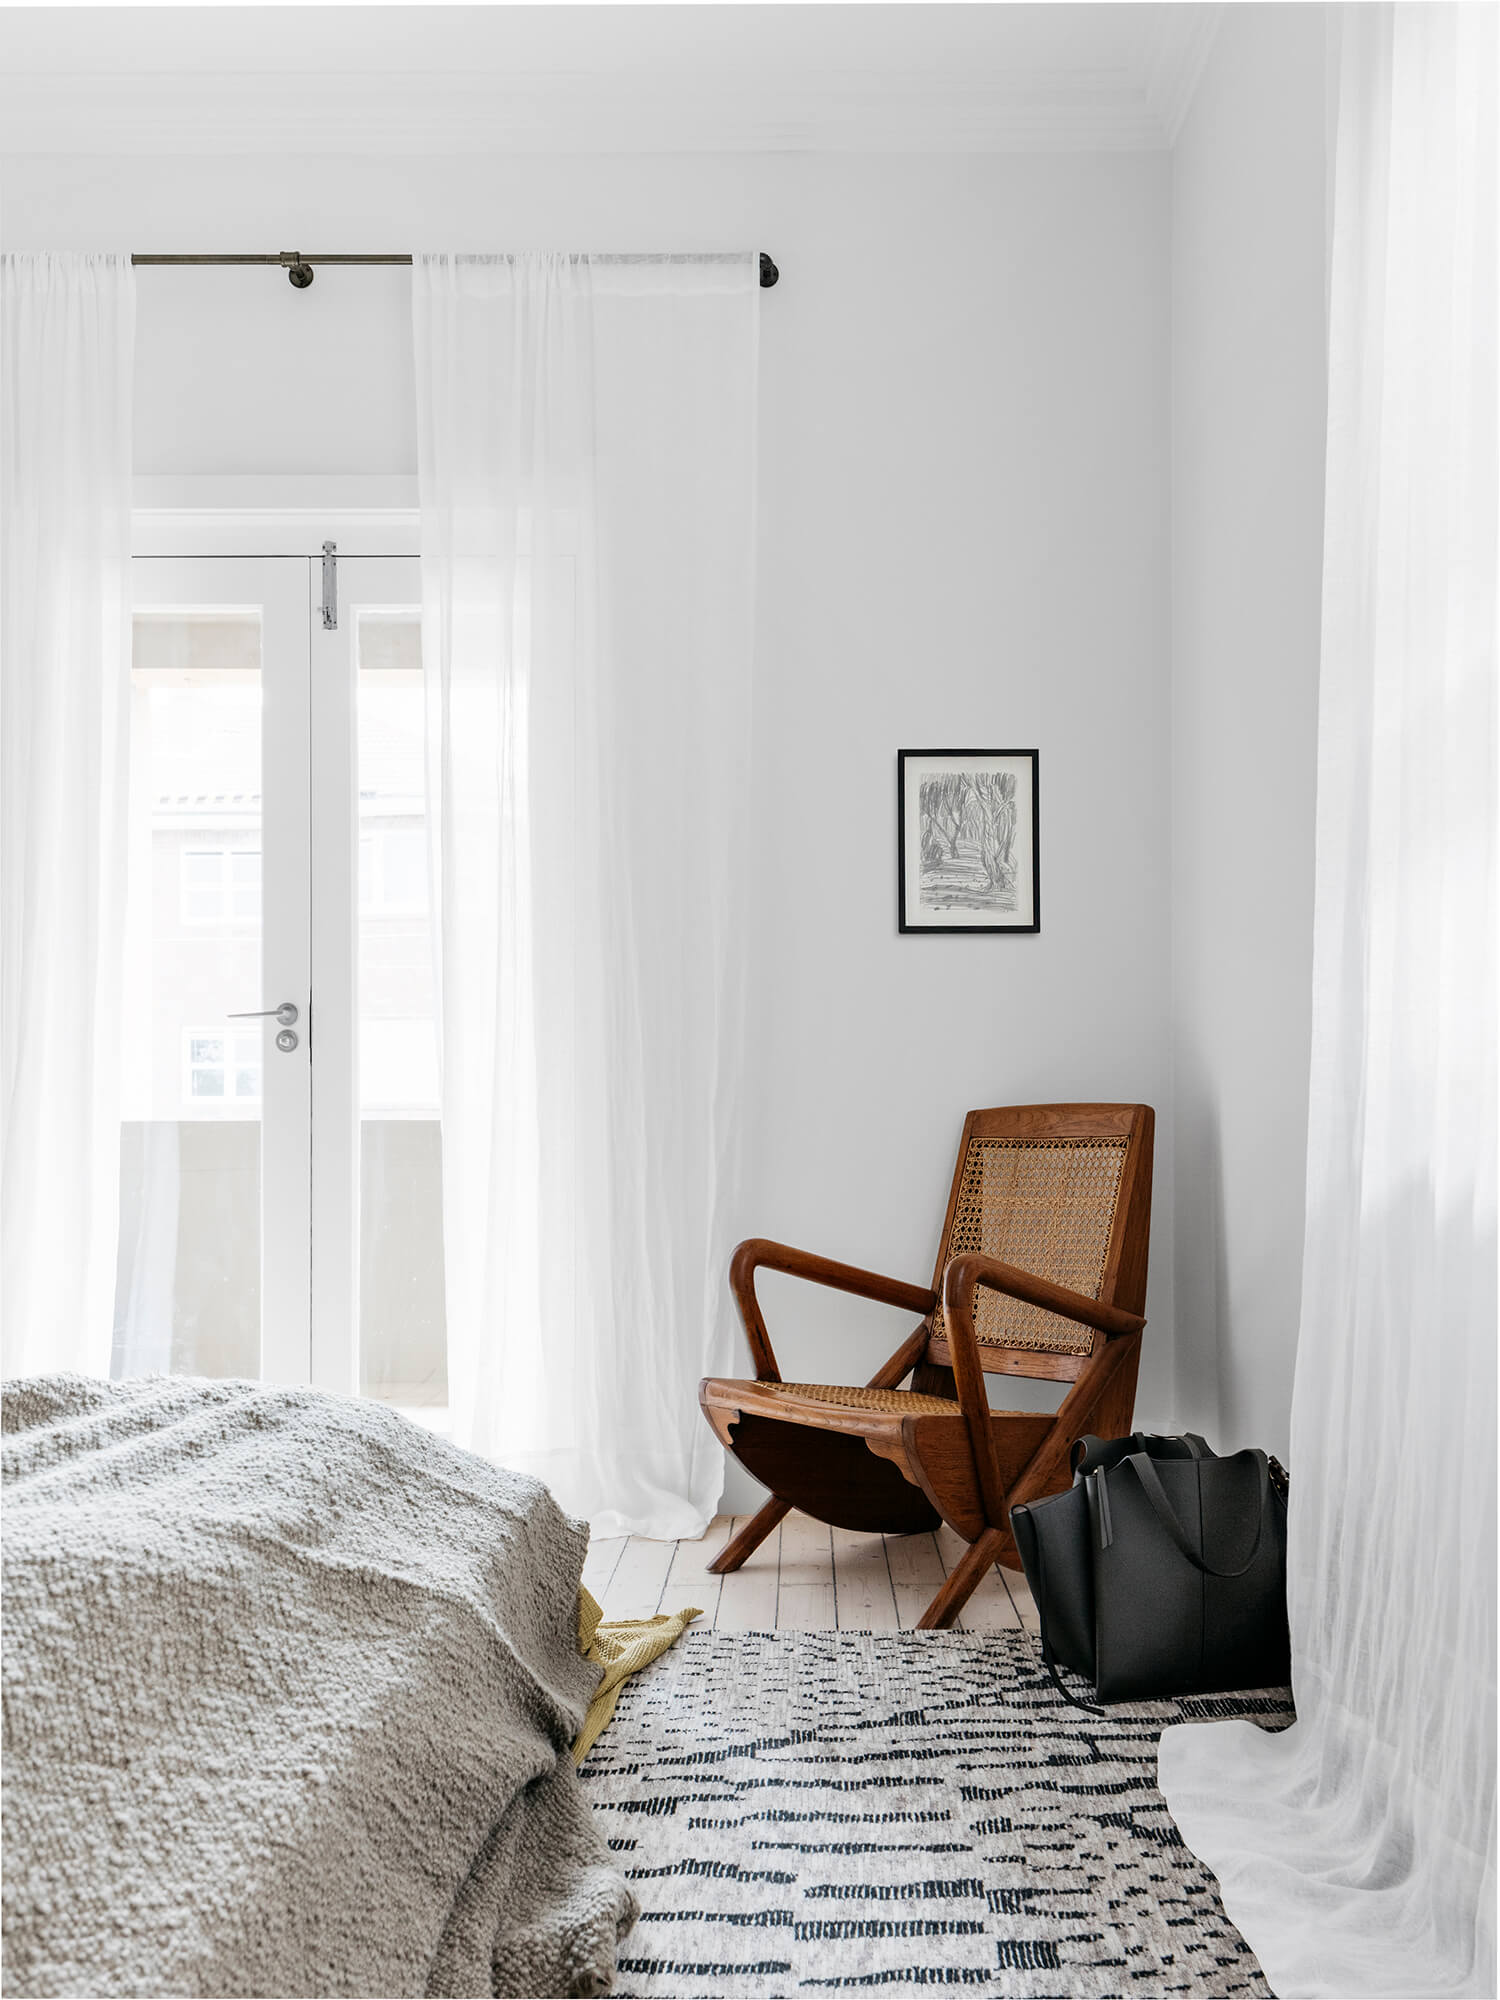 est living interiors Decus Interiors Tamarama House 05